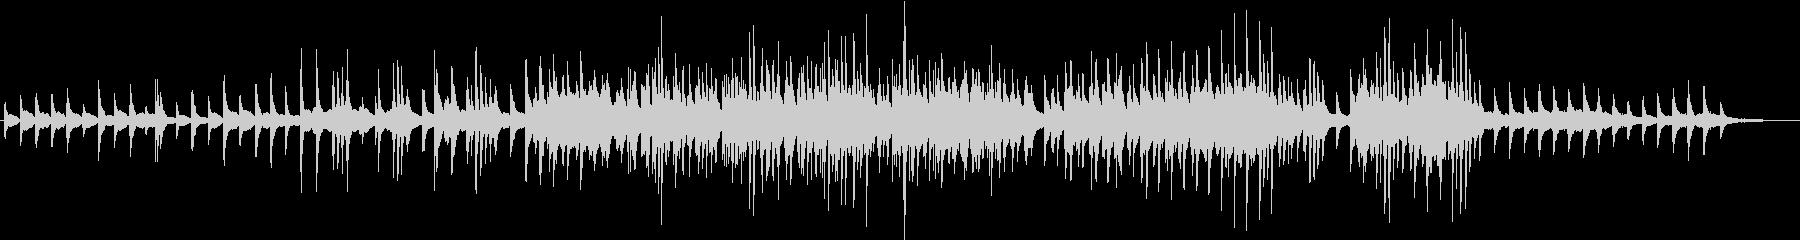 美しく切ないピアノソロワルツの未再生の波形